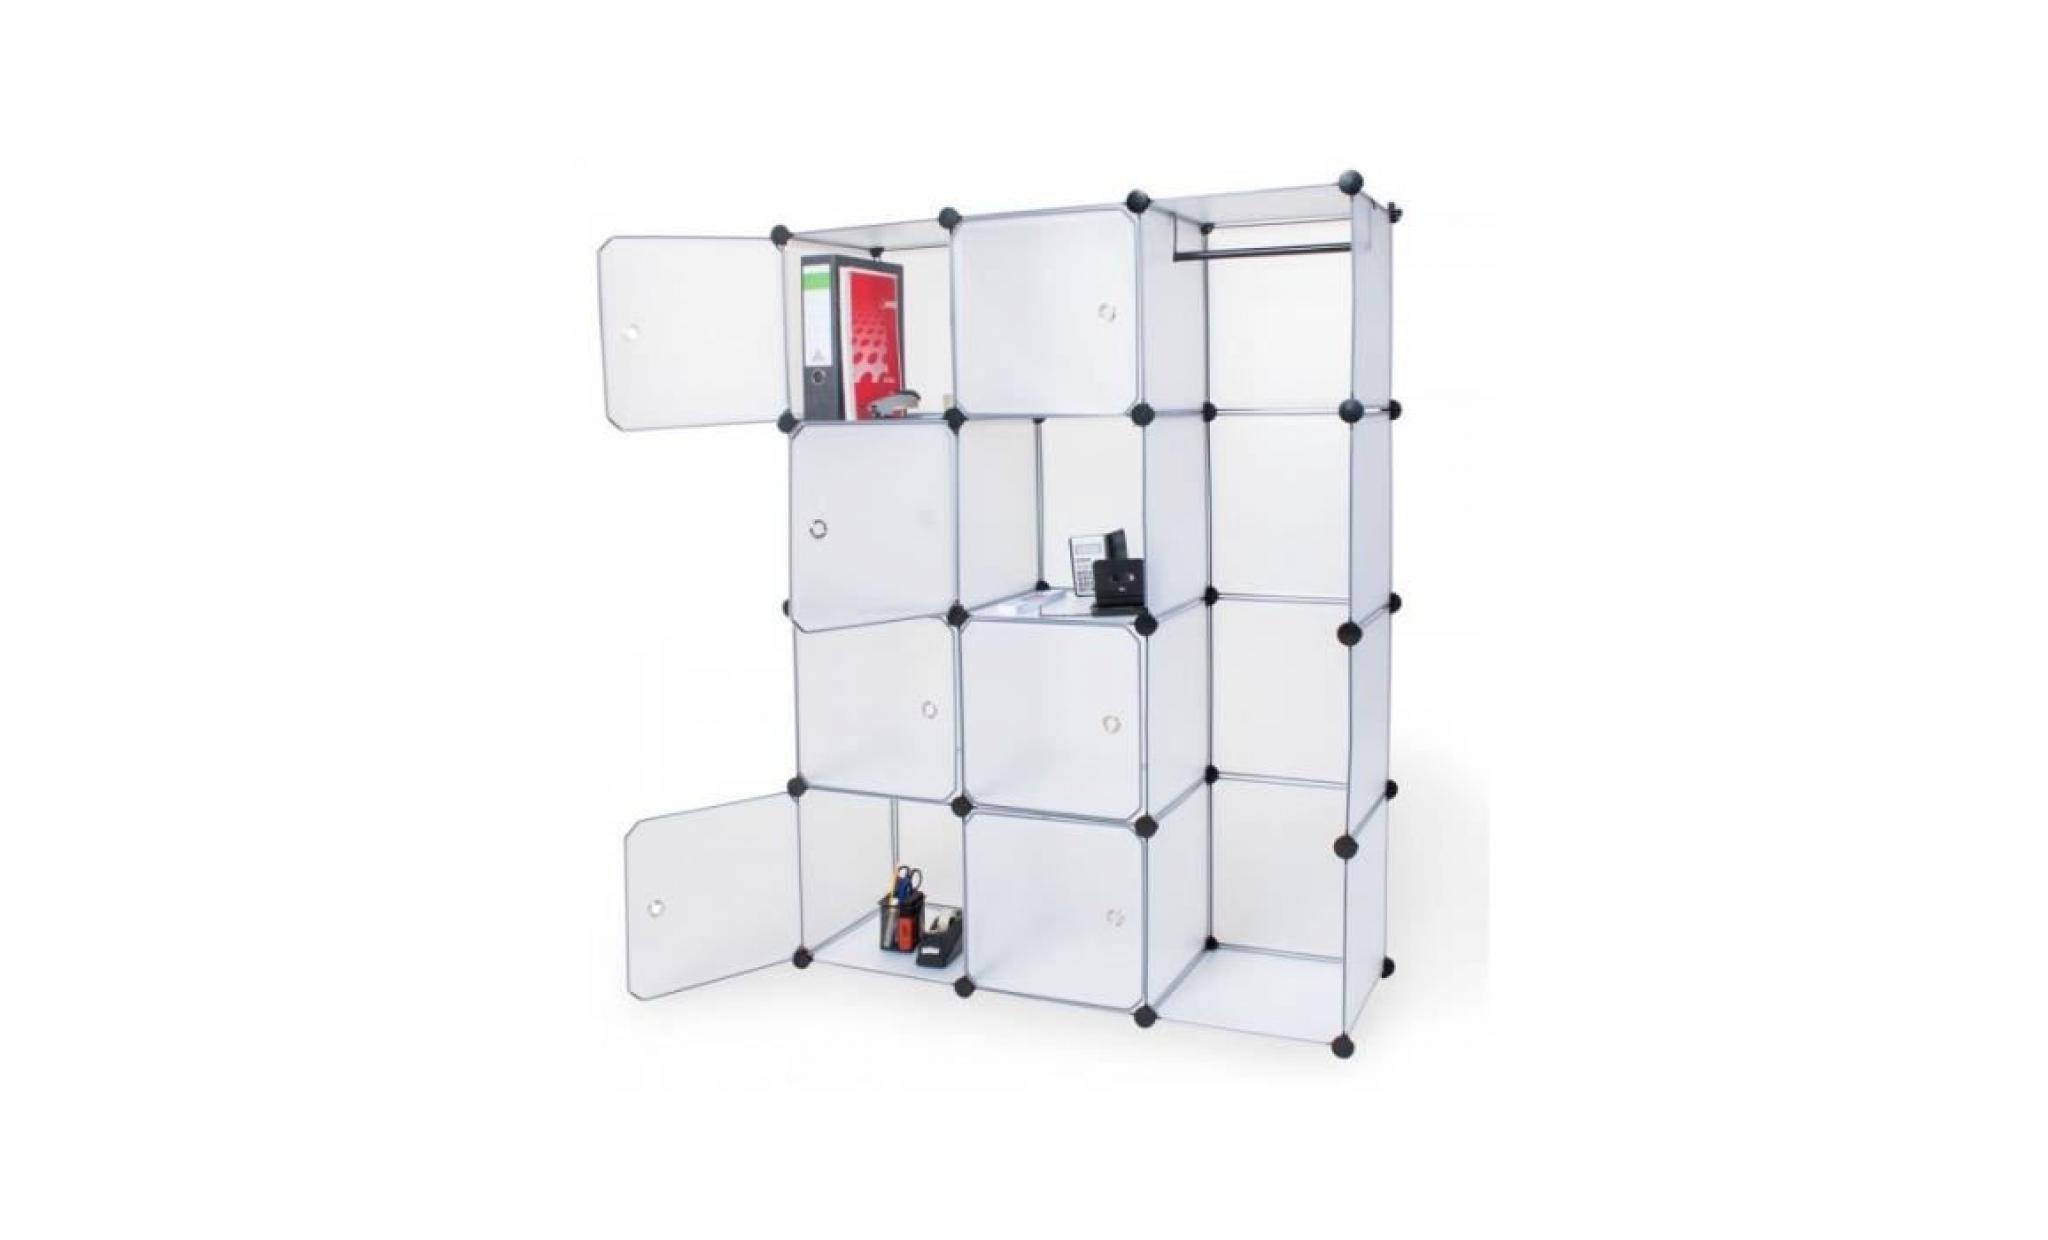 armoire de rangement meuble penderie etagere blanc 2008044 achat vente armoire pas cher couleur et design fr